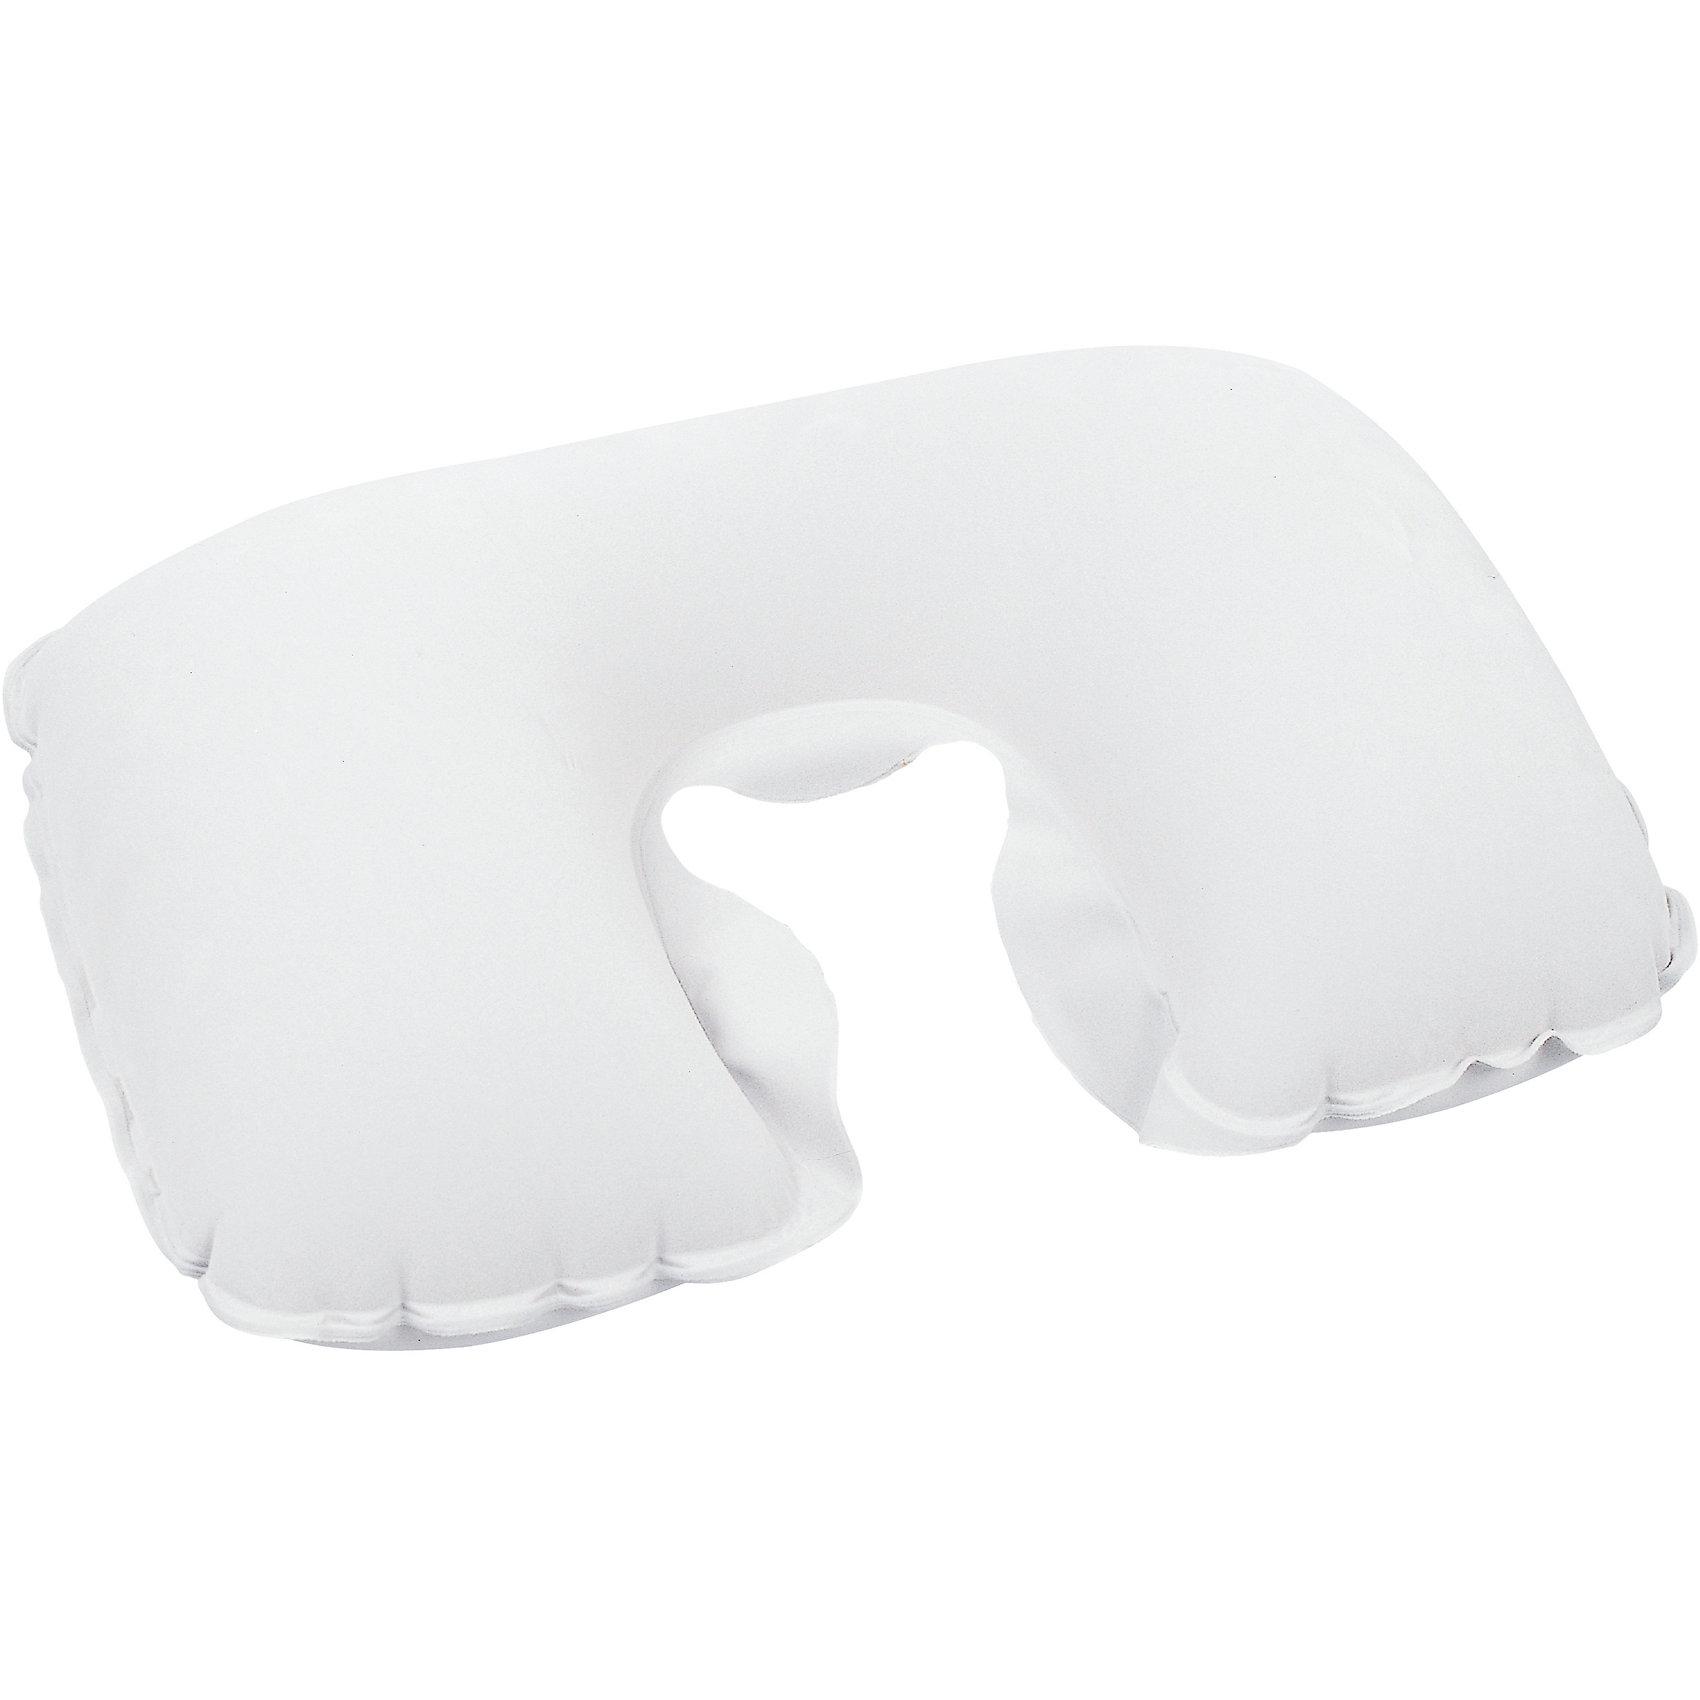 Подушка надувная под шею, белая, BestwayШейные подушки<br>Подушка надувная под шею, белая Bestway (Бествей)<br><br>Характеристики:<br><br>• прочная и мягкая<br>• надежно фиксирует голову<br>• размер: 46х28х12 см<br>• максимальная нагрузка: 25 кг<br>• цвет: белый<br>• вес: 105 грамм<br><br>Надувная подушка Bestway позаботится о вашем комфорте во время поездки или путешествий. Подушка позволяет расслабить мышцы шеи, надежно фиксируя голову. А ее поверхность отличается мягкостью. Подушка легко чистится при необходимости. Изготовлена из прочных, износостойких материалов.<br><br>Подушку надувную под шею, белая, Bestway (Бествей) вы можете купить в нашем интернет-магазине.<br><br>Ширина мм: 360<br>Глубина мм: 300<br>Высота мм: 260<br>Вес г: 105<br>Возраст от месяцев: 72<br>Возраст до месяцев: 2147483647<br>Пол: Унисекс<br>Возраст: Детский<br>SKU: 5486929